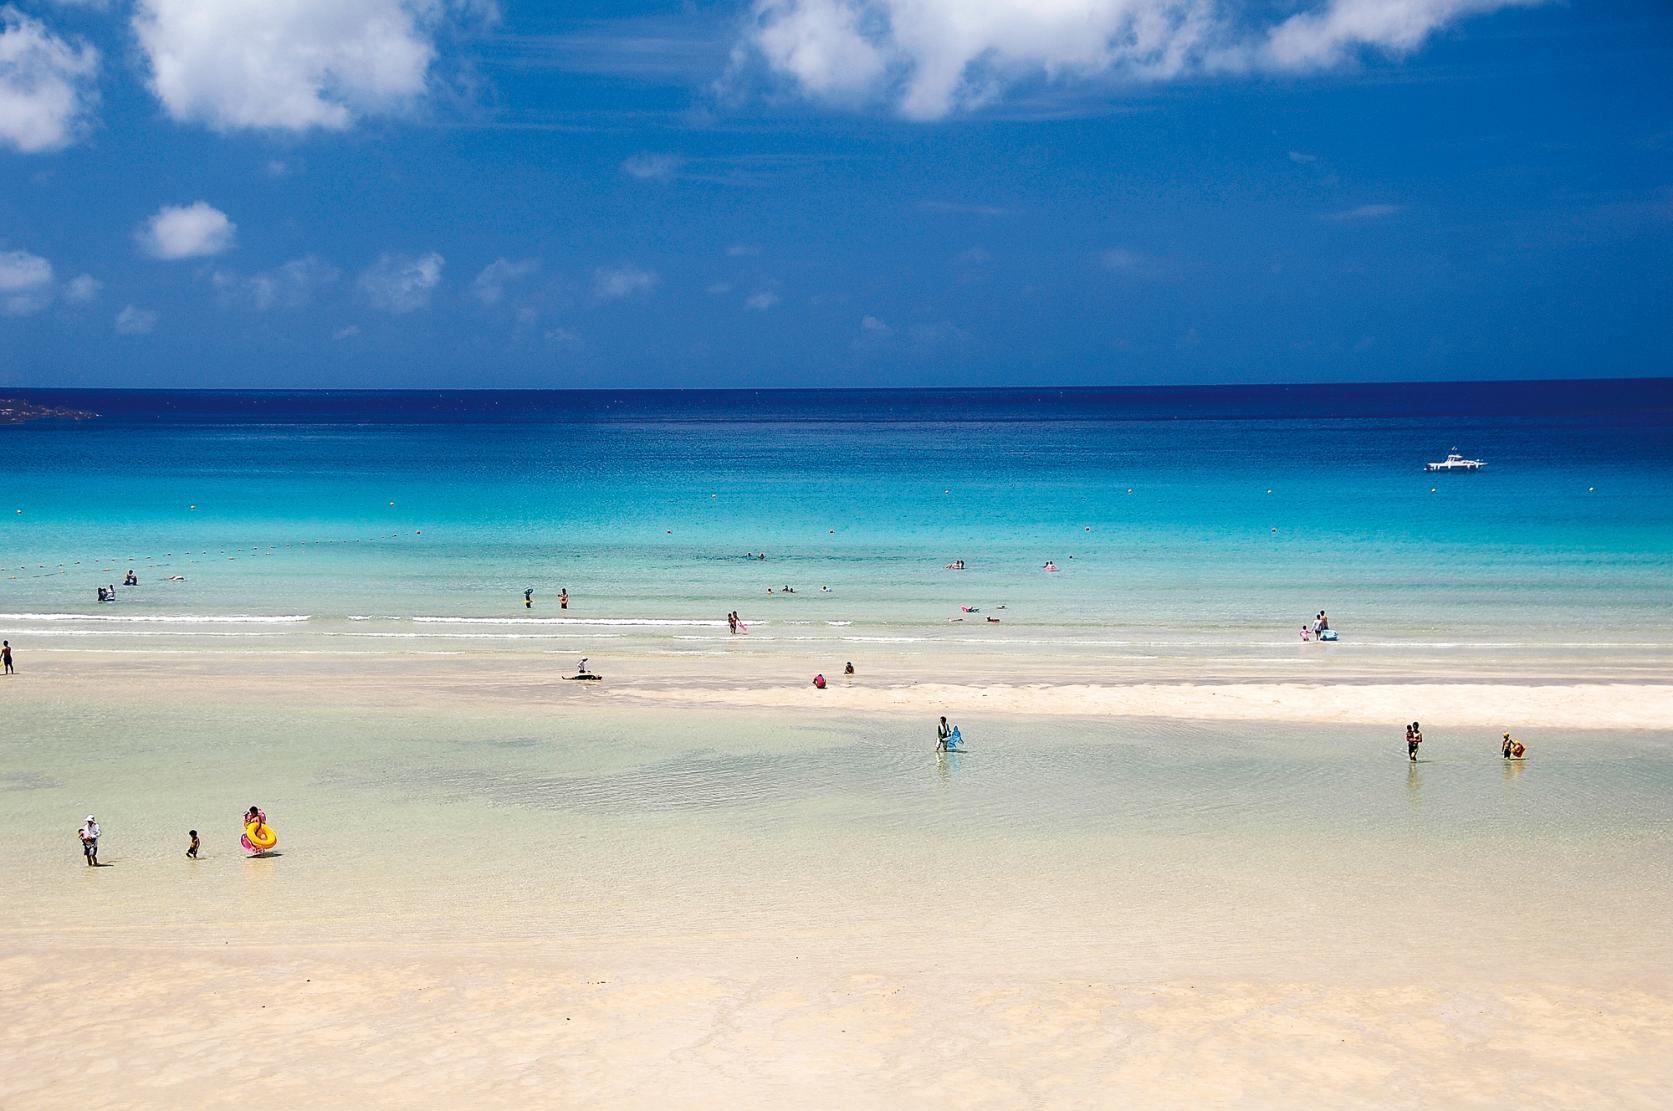 泳いでよし、眺めてよし、潜るもよし!美しすぎる五島の海の遊び方-1